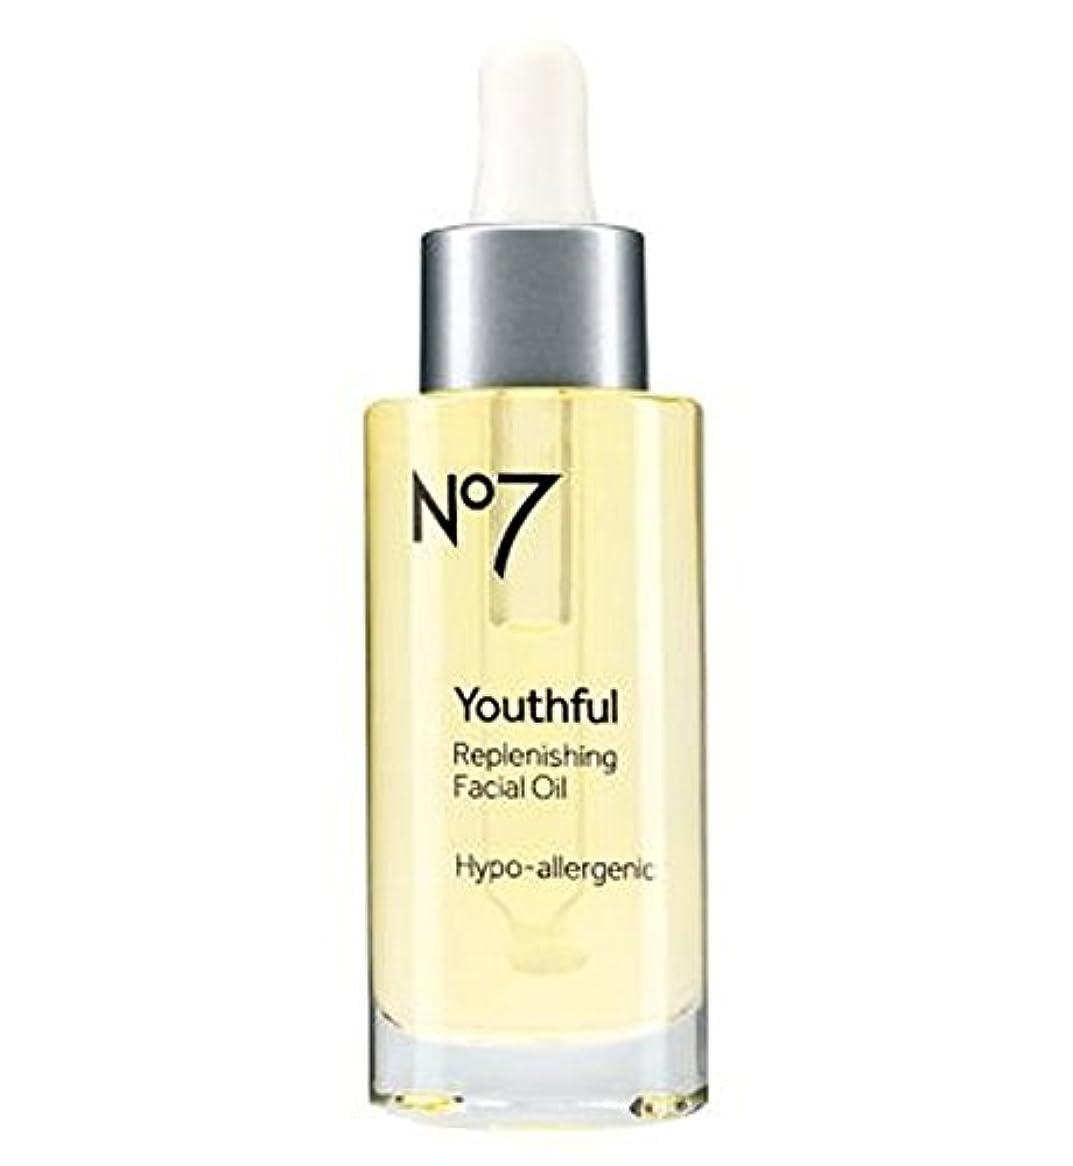 リングレットサークル不可能なNo7 Youthful Replenishing Facial Oil 30ml - No7若々しい補給フェイシャルオイル30ミリリットル (No7) [並行輸入品]